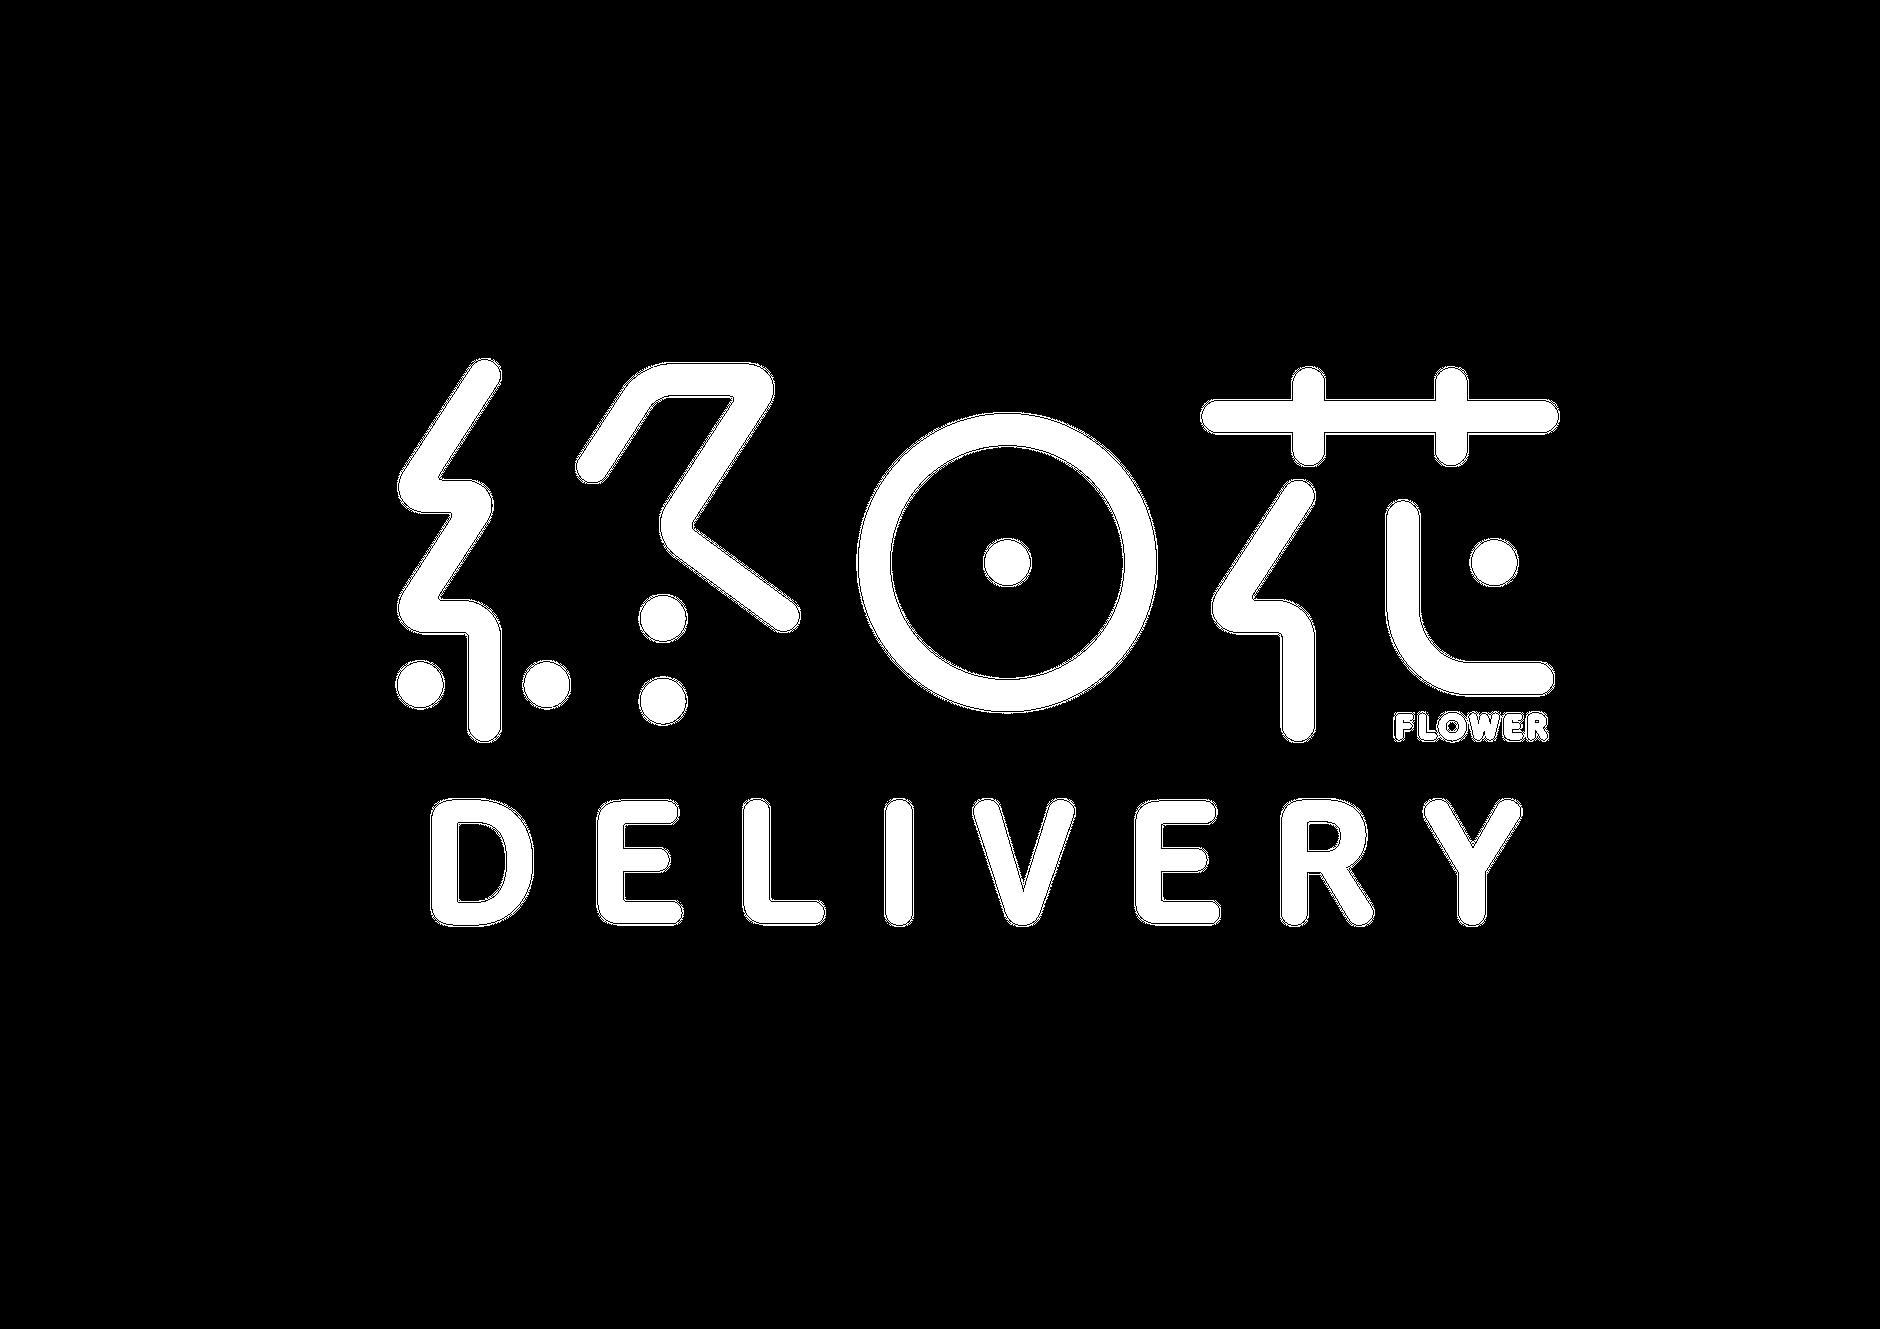 終日フラワー Delivery